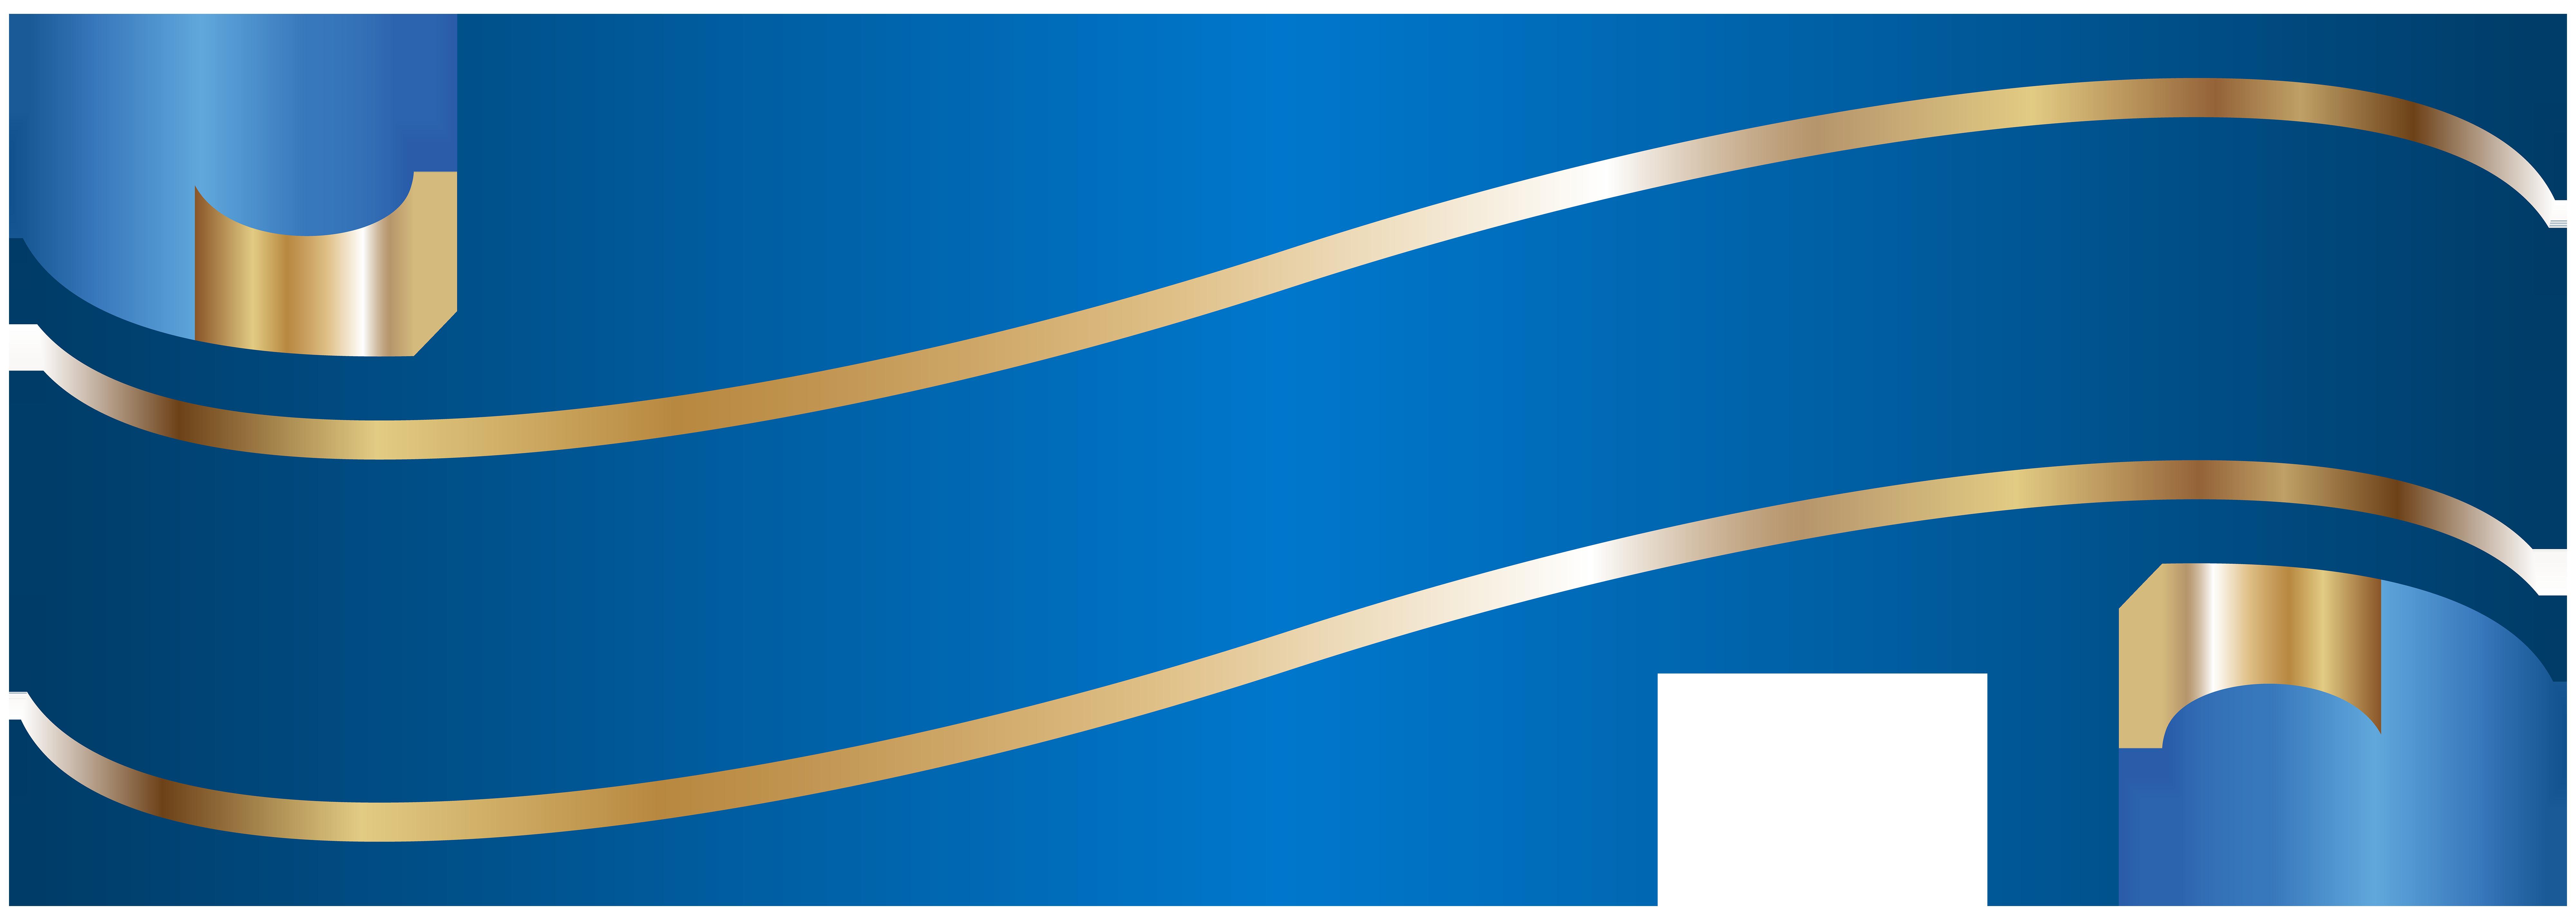 Banner Blue Clip Art Elegant Banner Blue Png Clip Art 8000 2847 Transprent Png Free Download Blue Product Elegant Banners Blue Ribbon Image Ribbon Banner